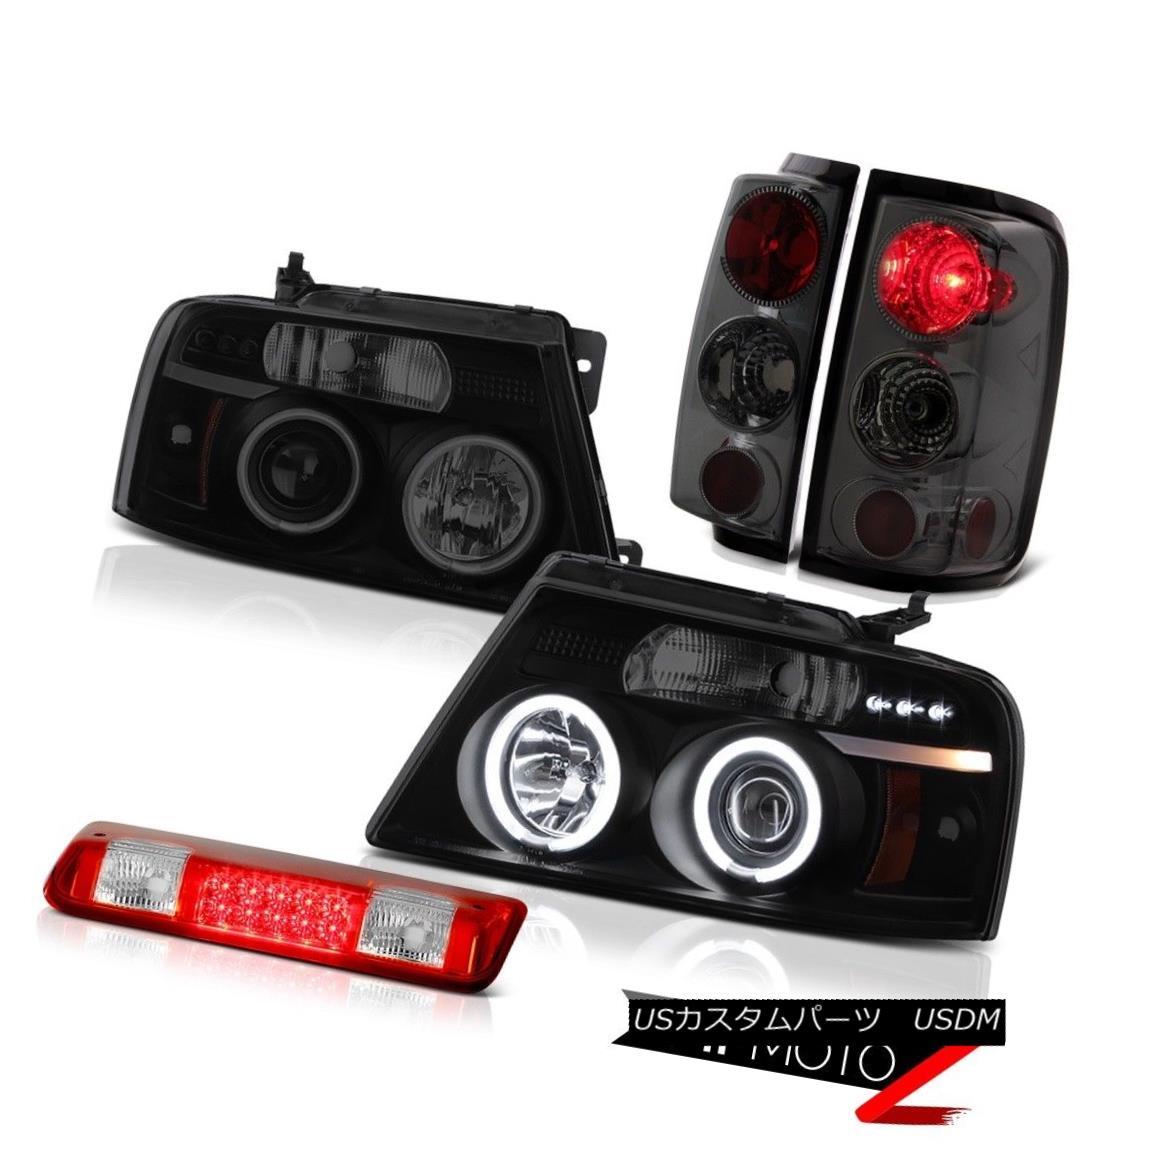 テールライト 2004-2008 Ford F150 FX4 High Stop Lamp Headlights Tail Lights LED CCFL Rim Cool 2004-2008フォードF150 FX4ハイストップランプヘッドライトテールライトLED CCFLリムクール